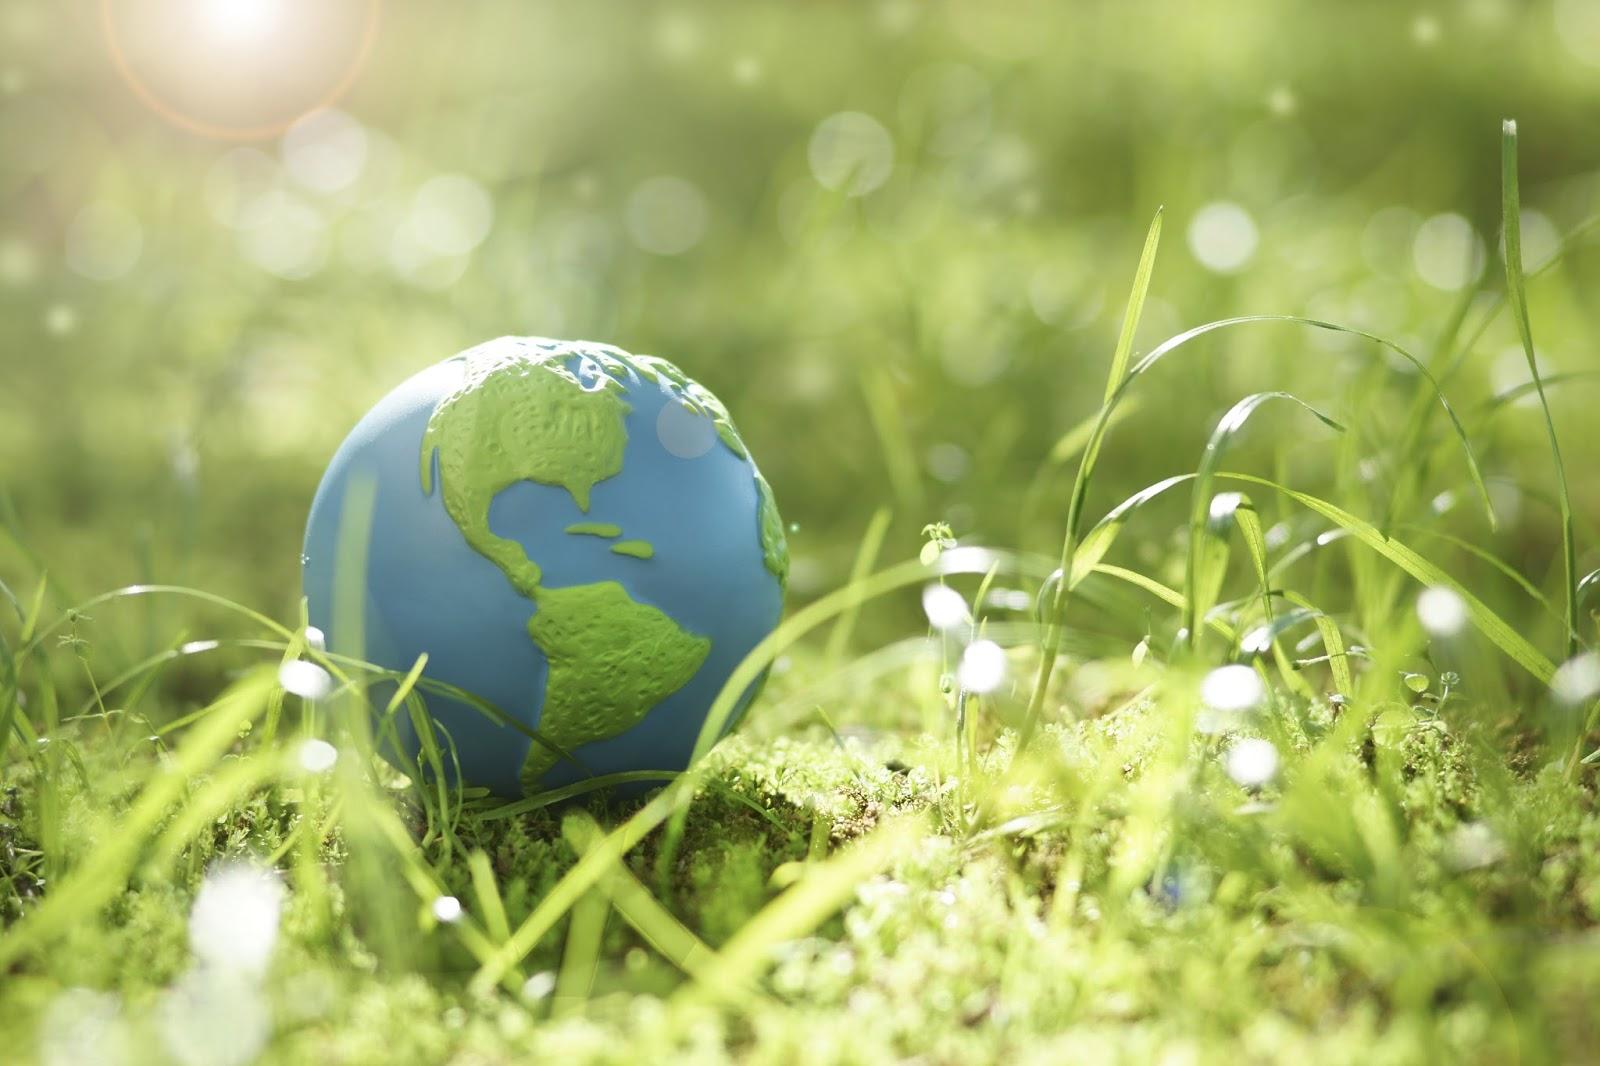 Экология что такое, определение термина, кто ввел понятие экология, виды и разделы, что изучает современная глобальная экология, чем занимаются экологи   tvercult.ru